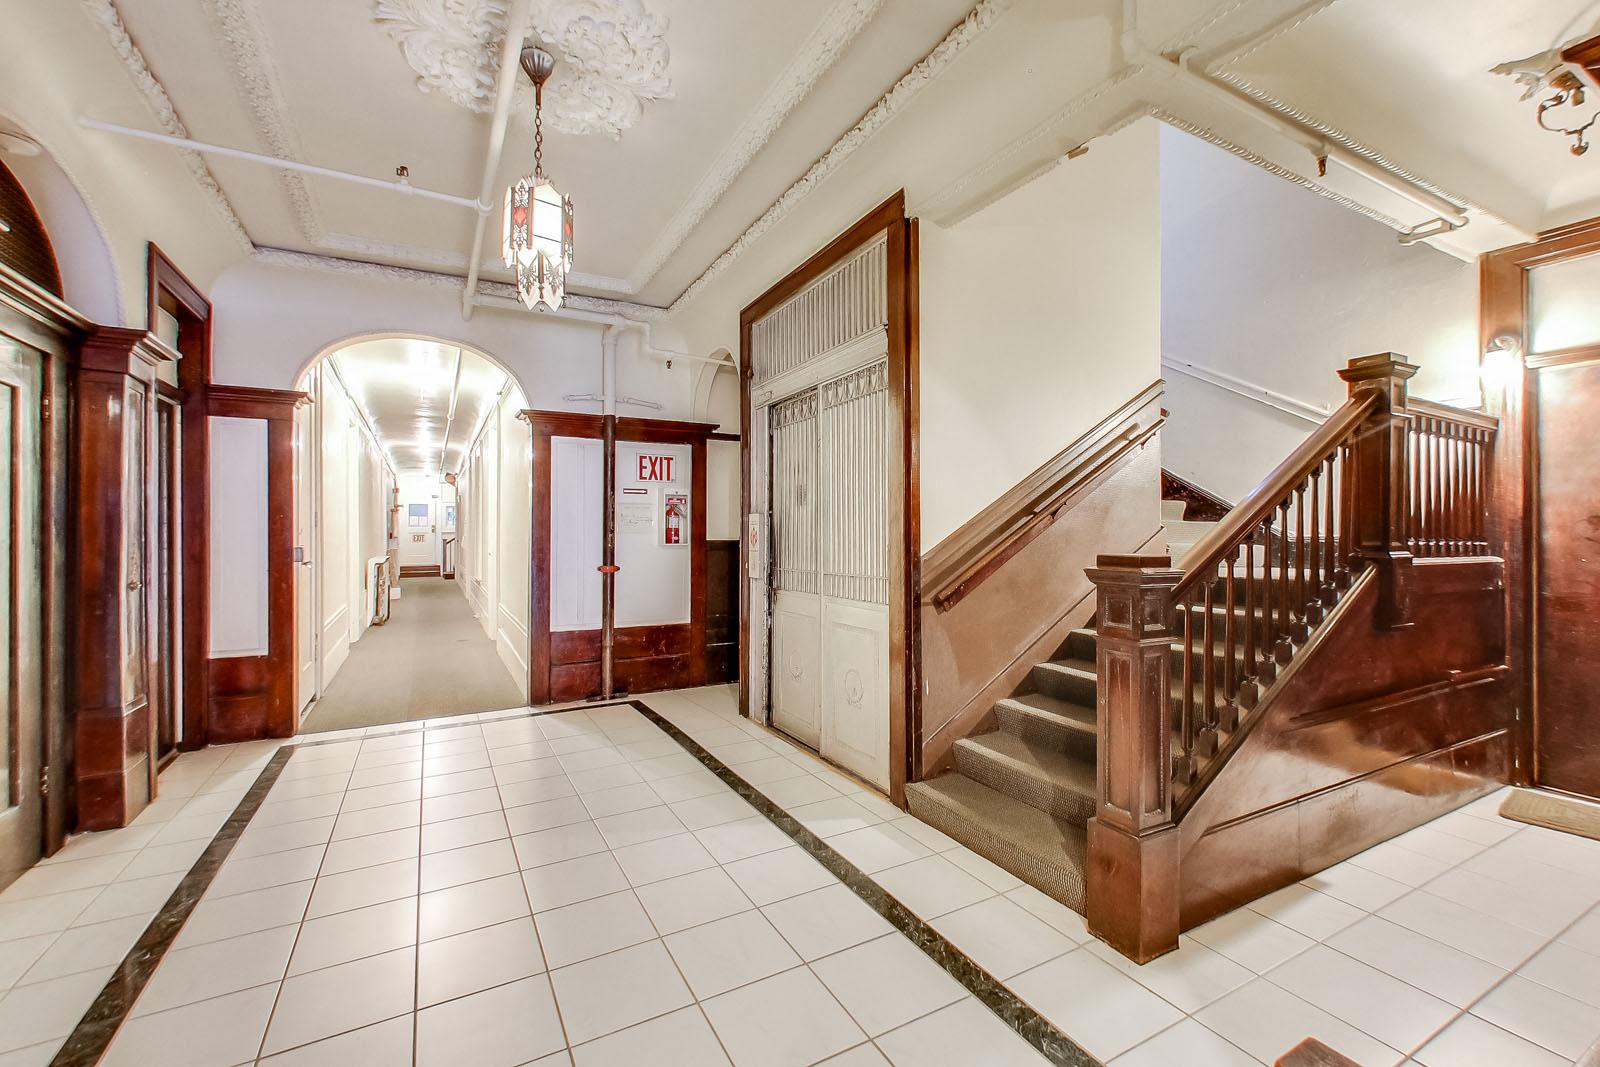 1560 SACRAMENTO Apartments & Suites photogallery 4